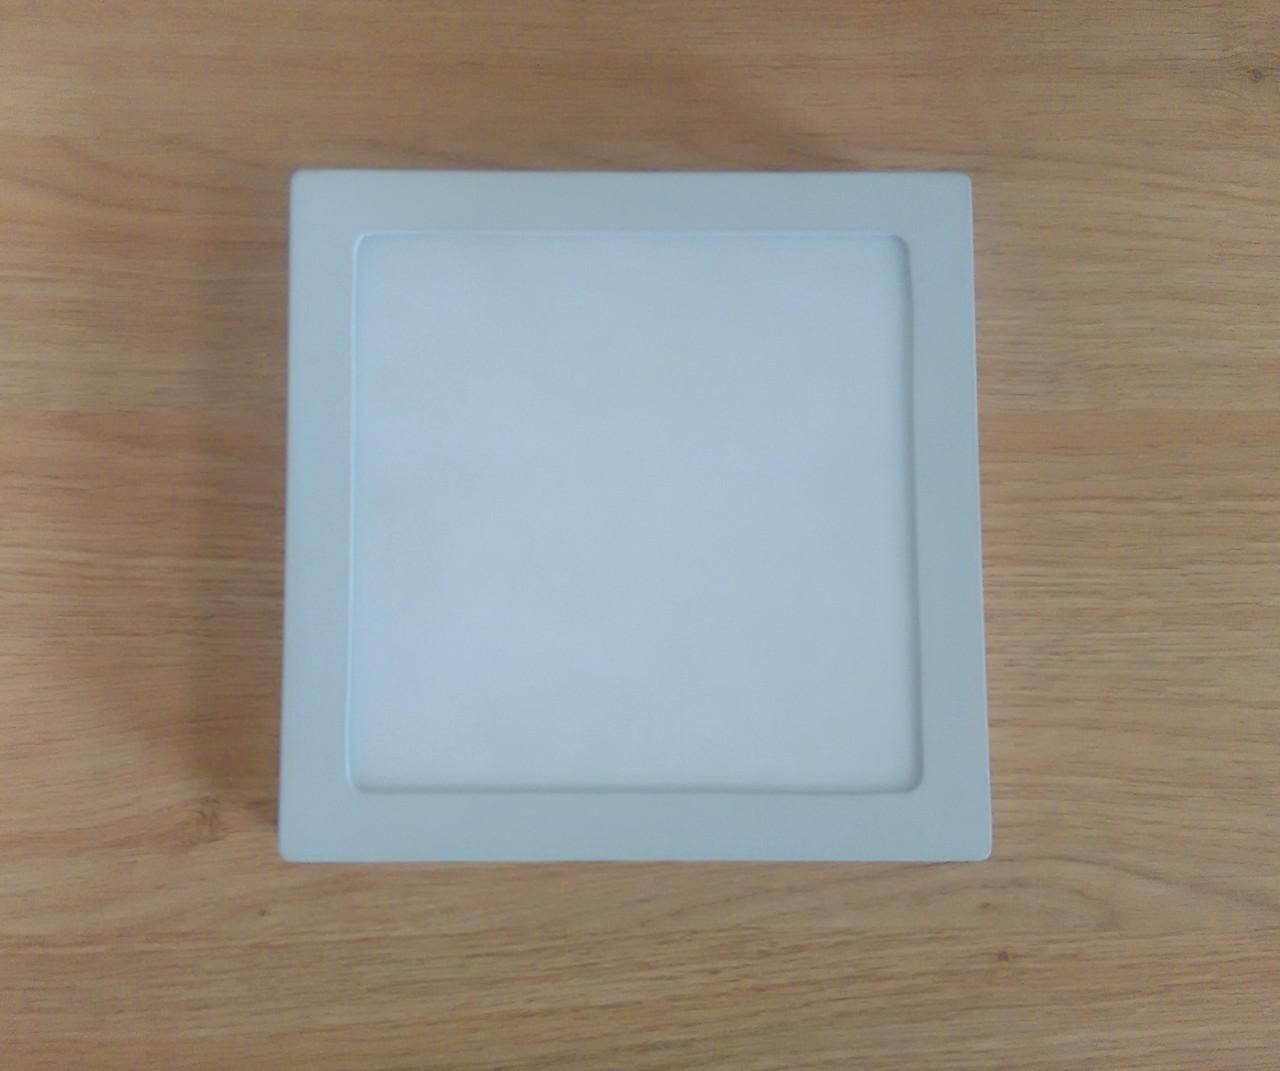 Світильник накладний Світильник LED 12W 6500K/4000К/3000К 170х170х32мм квадратний алюмінієвий корпус